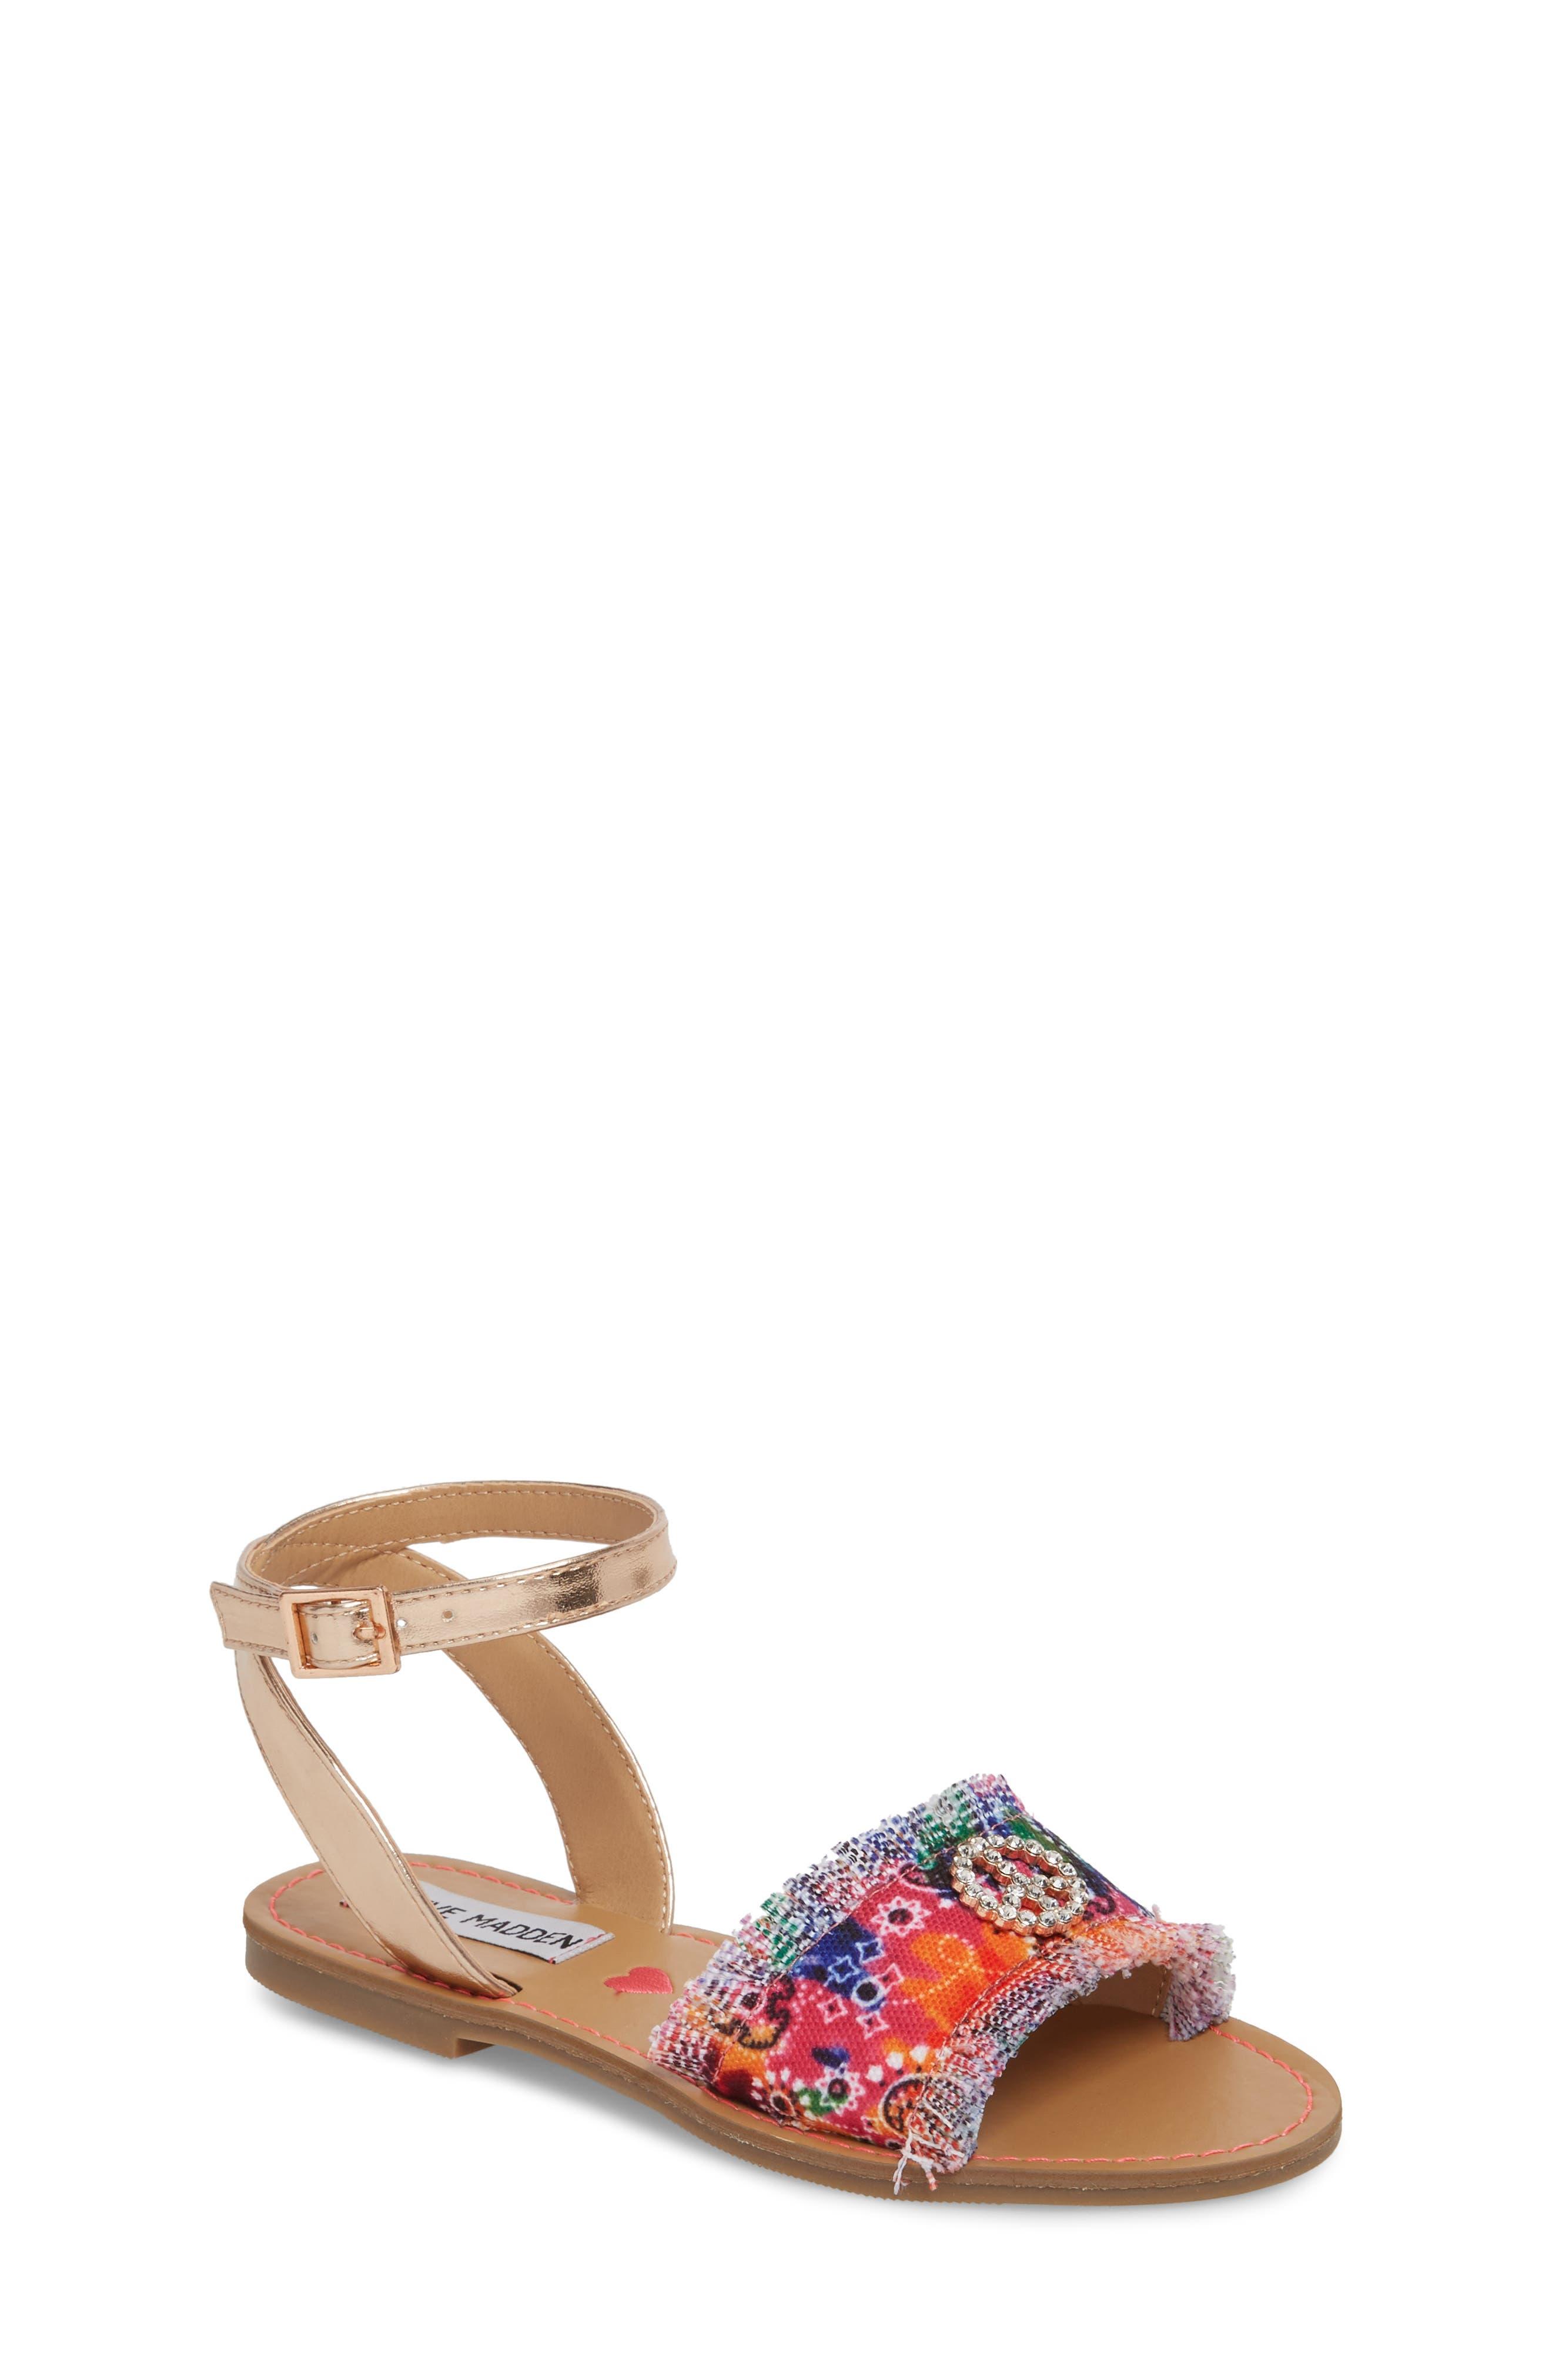 JVILLA Ankle Strap Sandal,                             Main thumbnail 1, color,                             Tie Dye